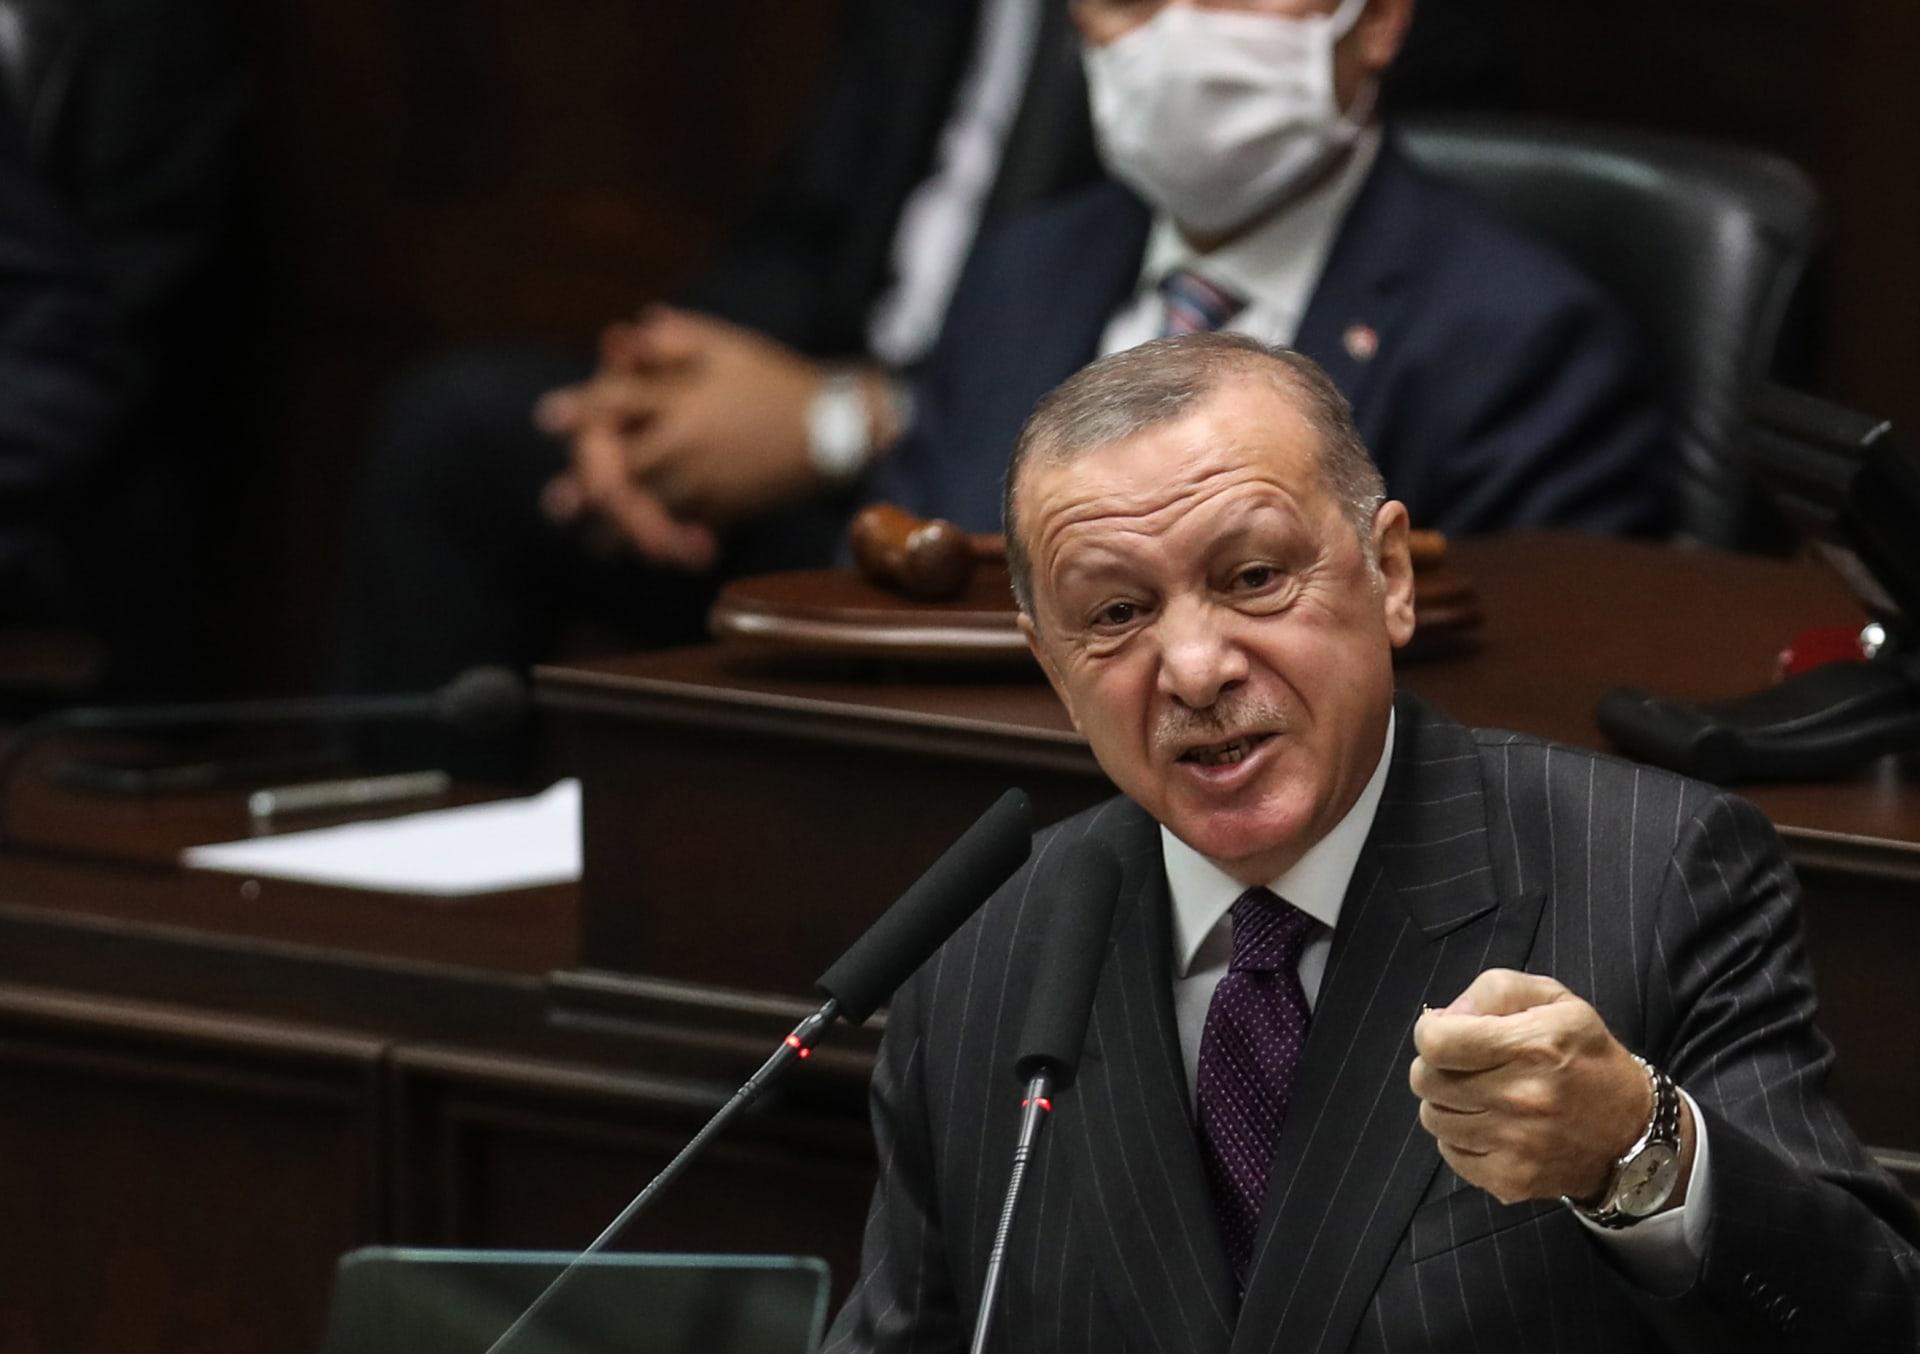 صورة أرشيفية للرئيس التركي ردب طيب أردوغان